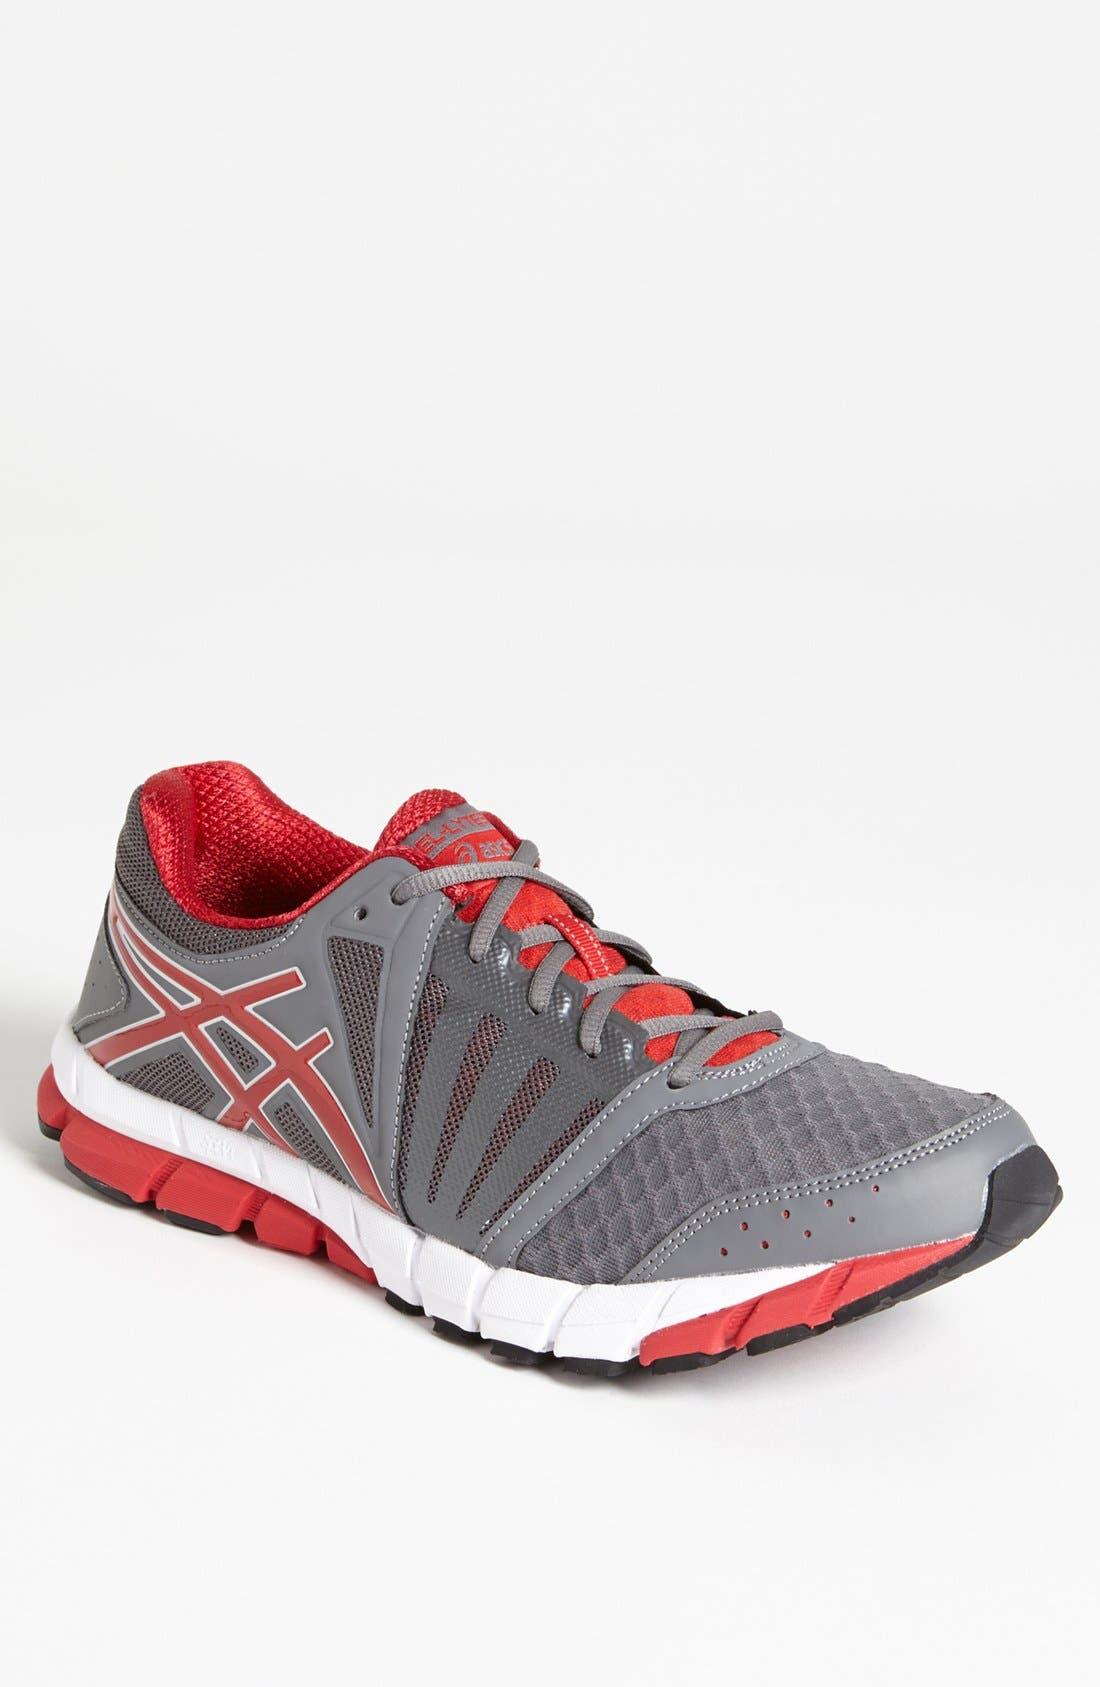 Alternate Image 1 Selected - ASICS 'GEL-Lyte 33 2.0' Running Shoe (Men)